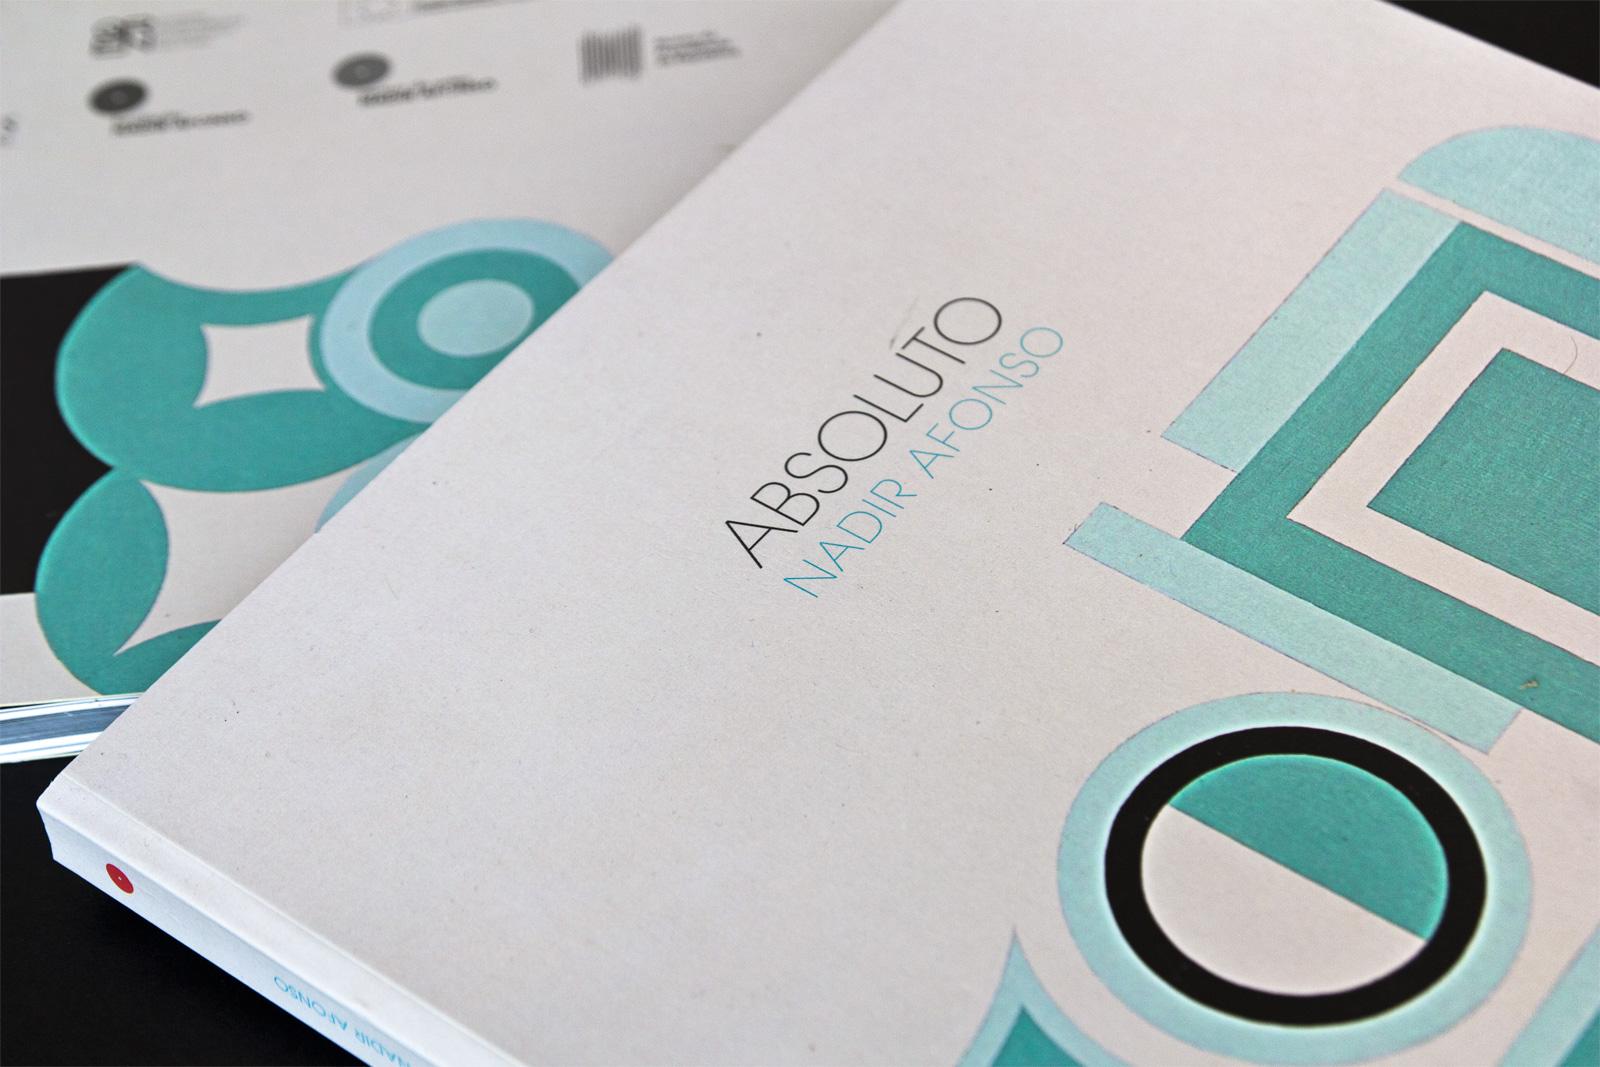 jloisbocos_publicacion_absoluto_001